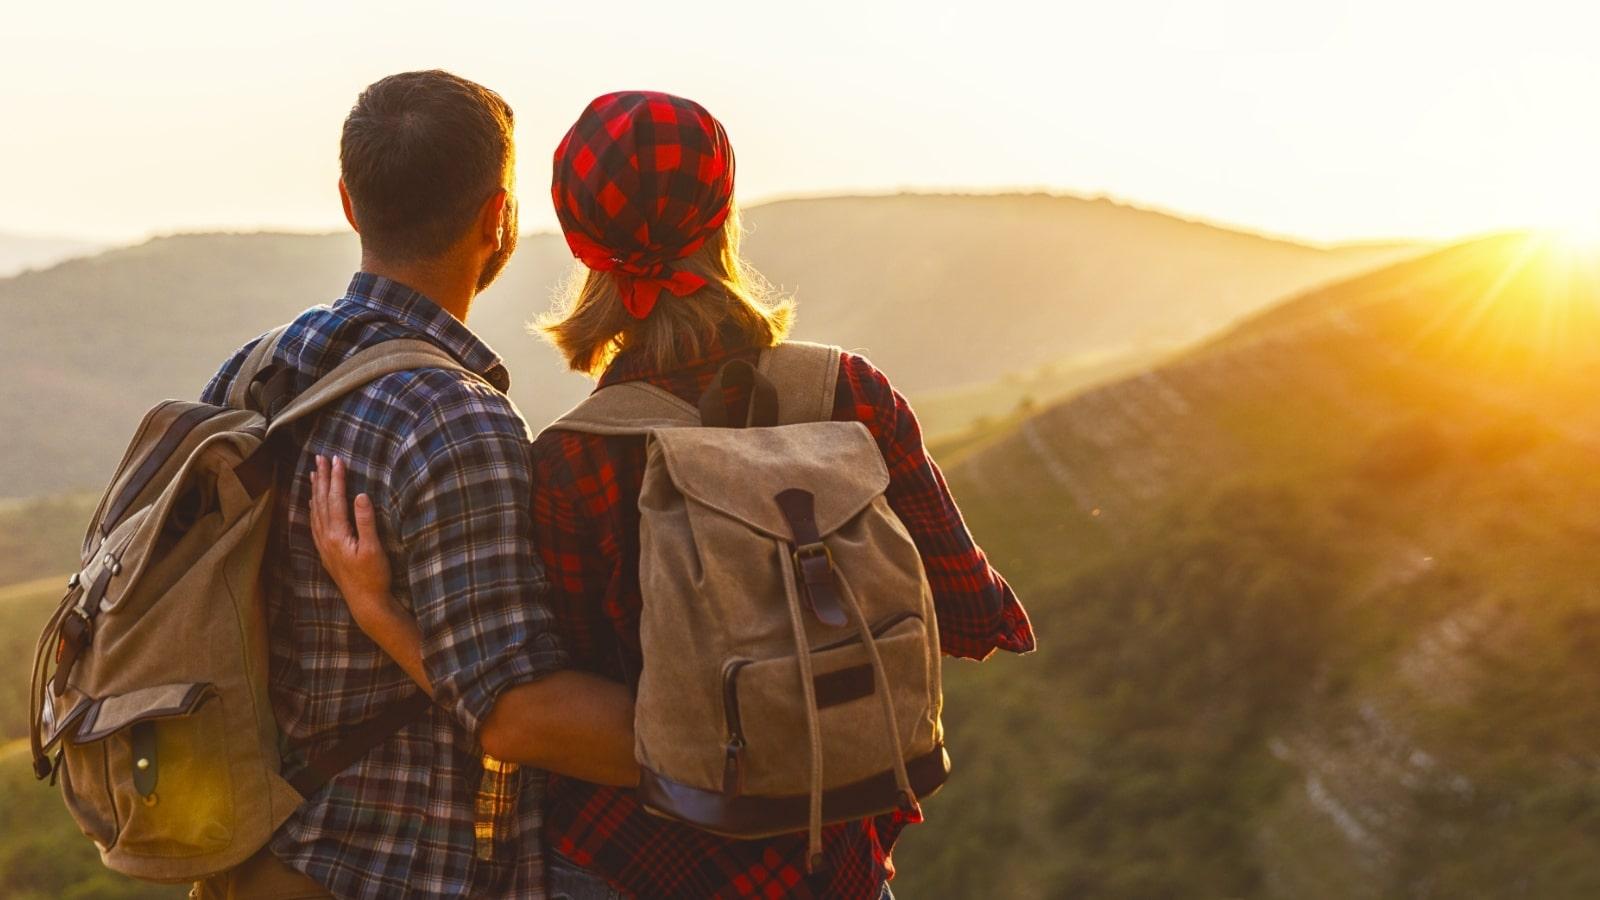 Auch mit einer Herzkrankheit kann man Urlaub machen